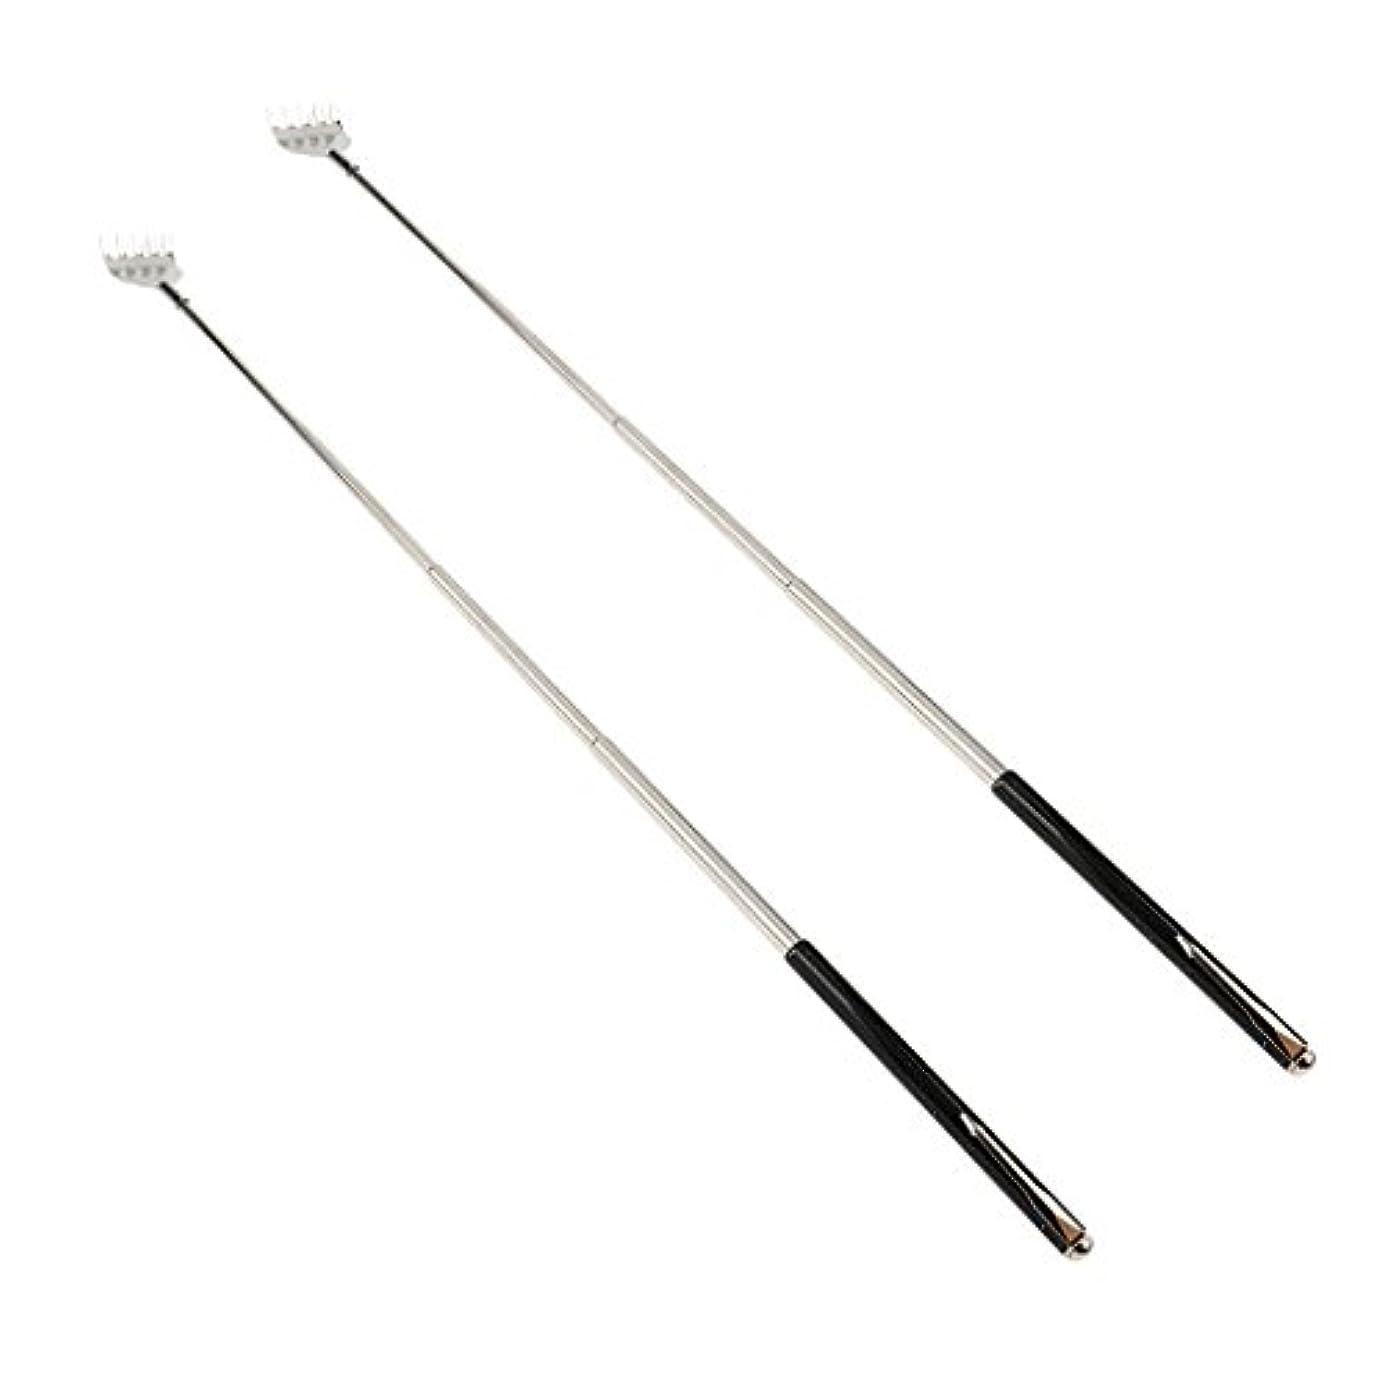 下線対処するグラフdailymall 2ピースバックスクラッチャー伸縮式爪拡張可能なかゆみハンドマッサージペンフック付き